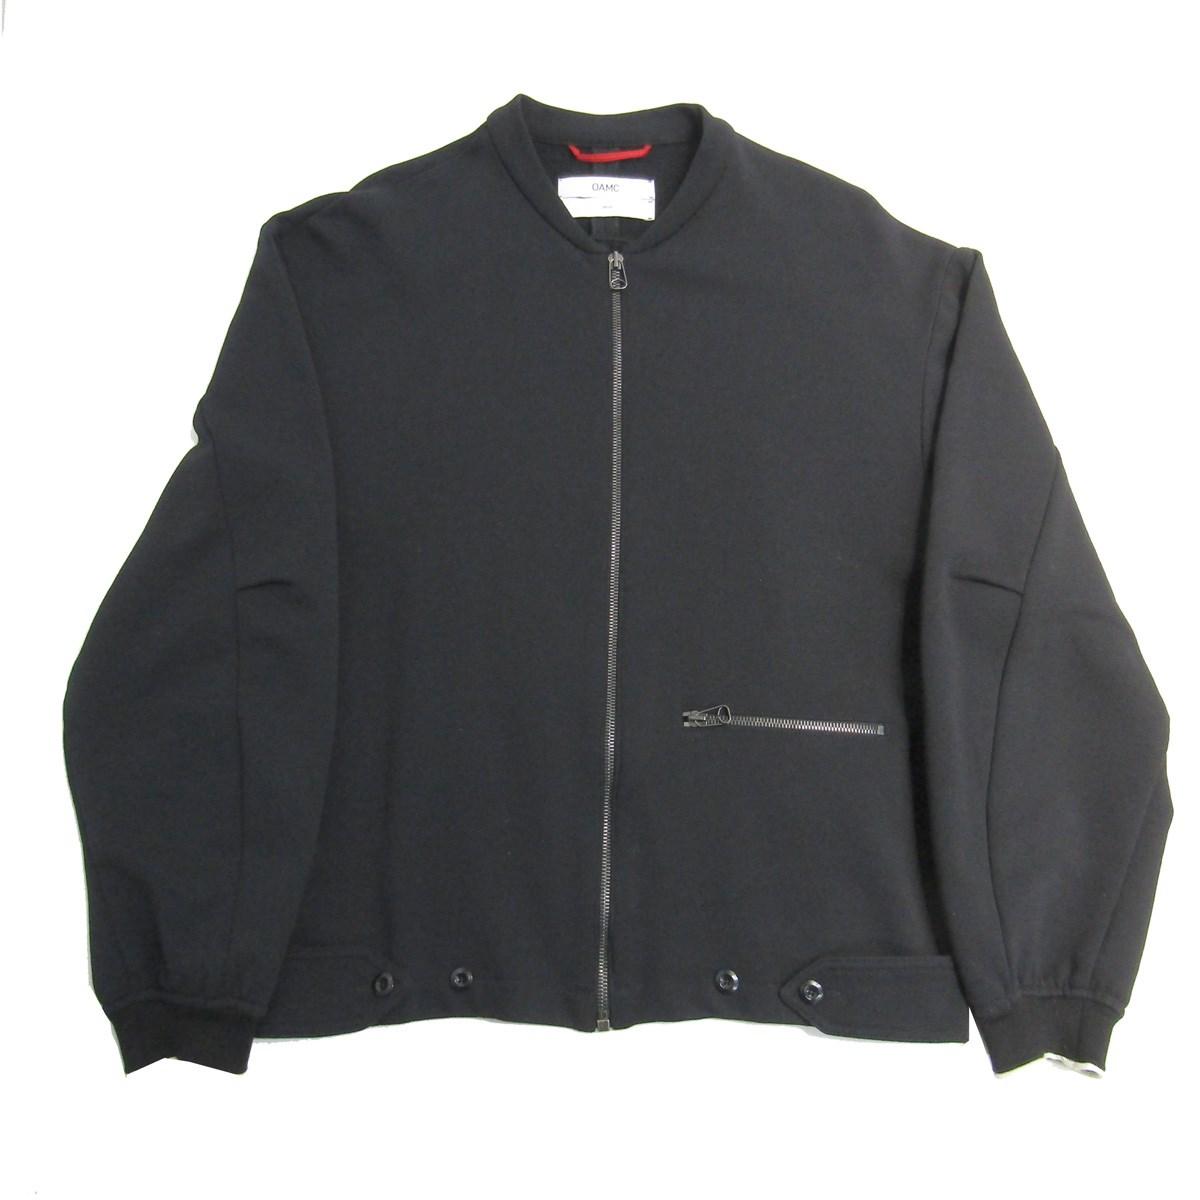 【中古】OAMCノーカラージップアップジャケット ブラック サイズ:S 【3月30日見直し】